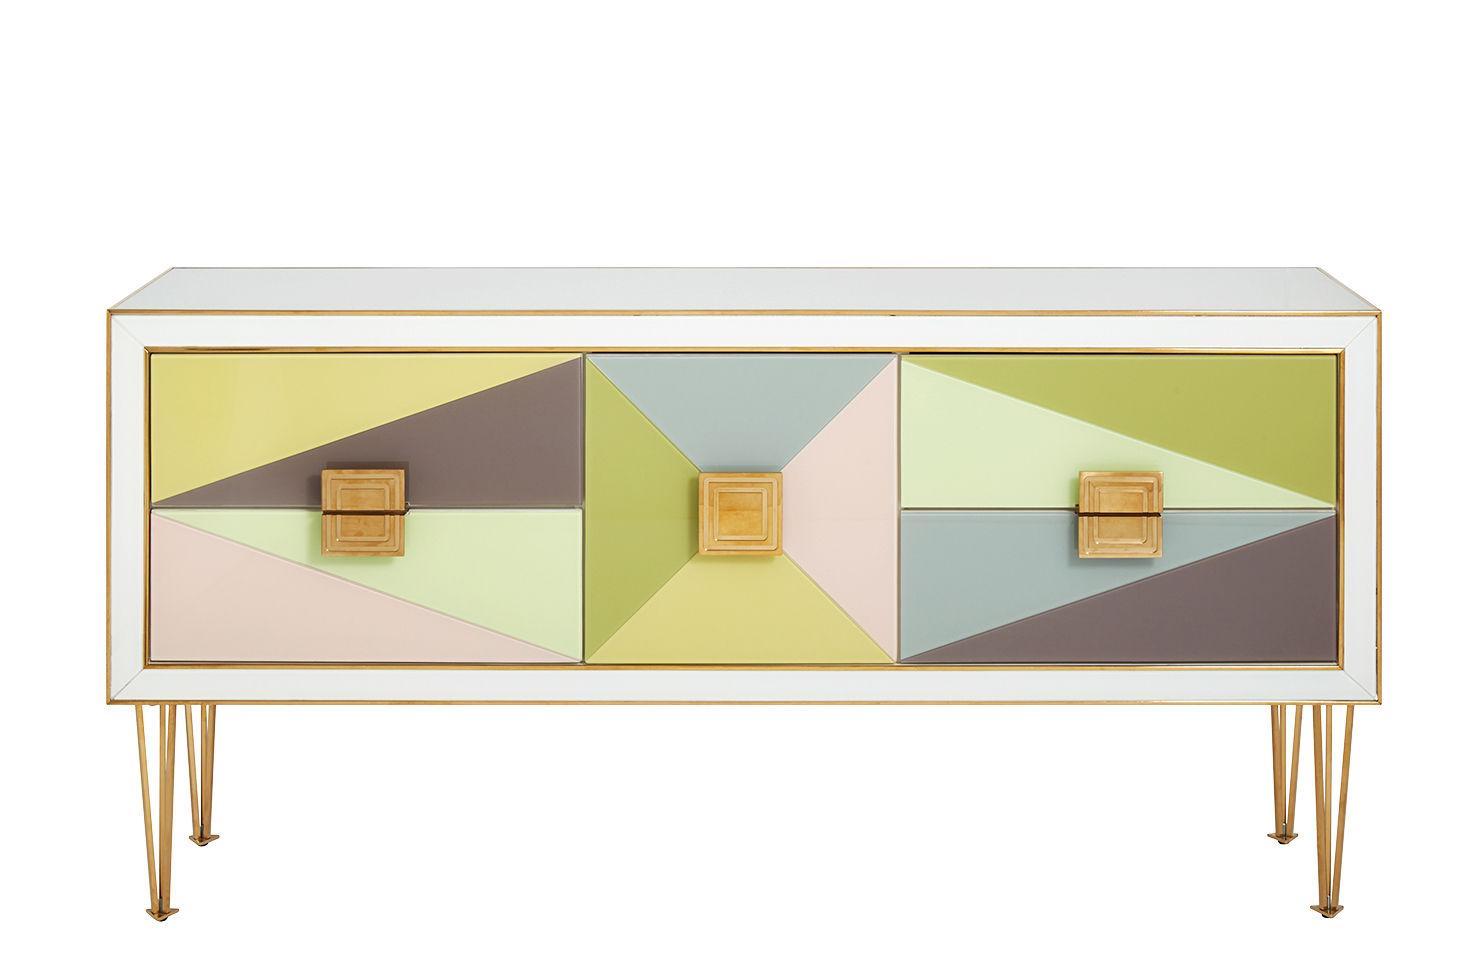 Mobilier - Commodes, buffets & armoires - Buffet Harlequin / L 150 cm - Verre - Jonathan Adler - Multicolore - Bois laqué, Laiton poli, Verre